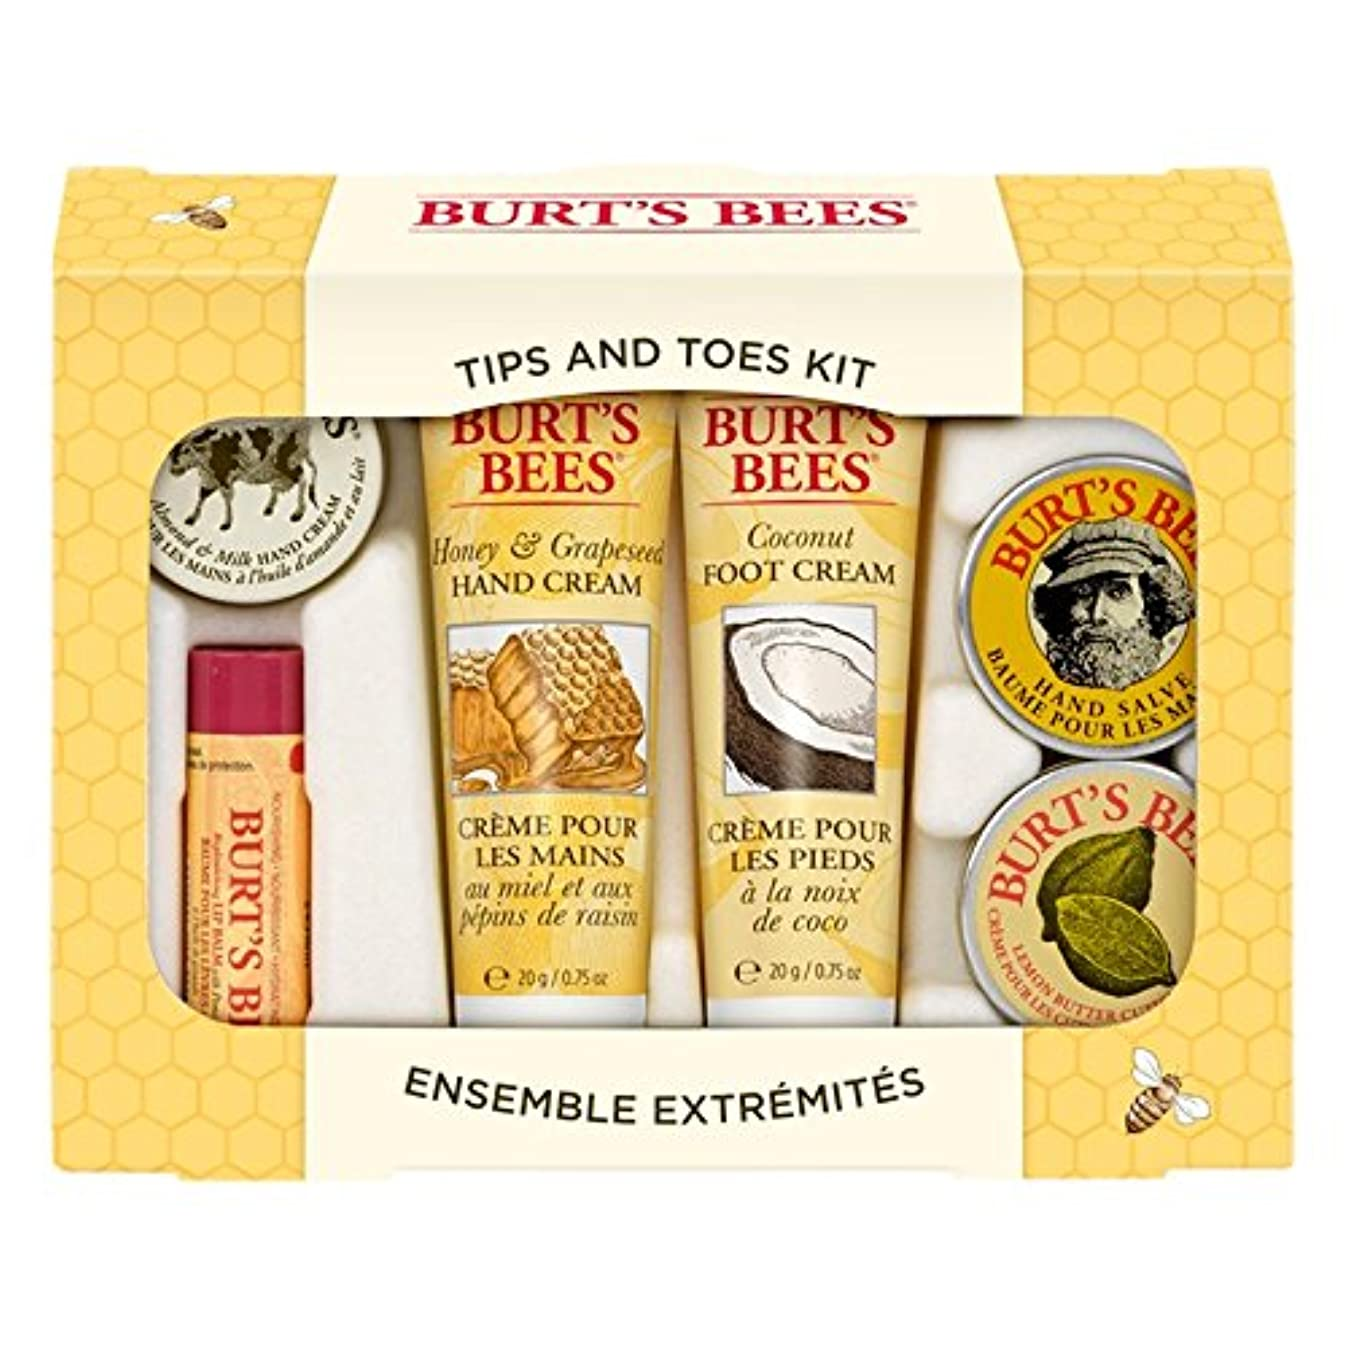 余韻理想的ガウンバーツビーのヒントとつま先はスターターキットをスキンケア (Burt's Bees) (x2) - Burt's Bees Tips And Toes Skincare Starter Kit (Pack of 2) [...